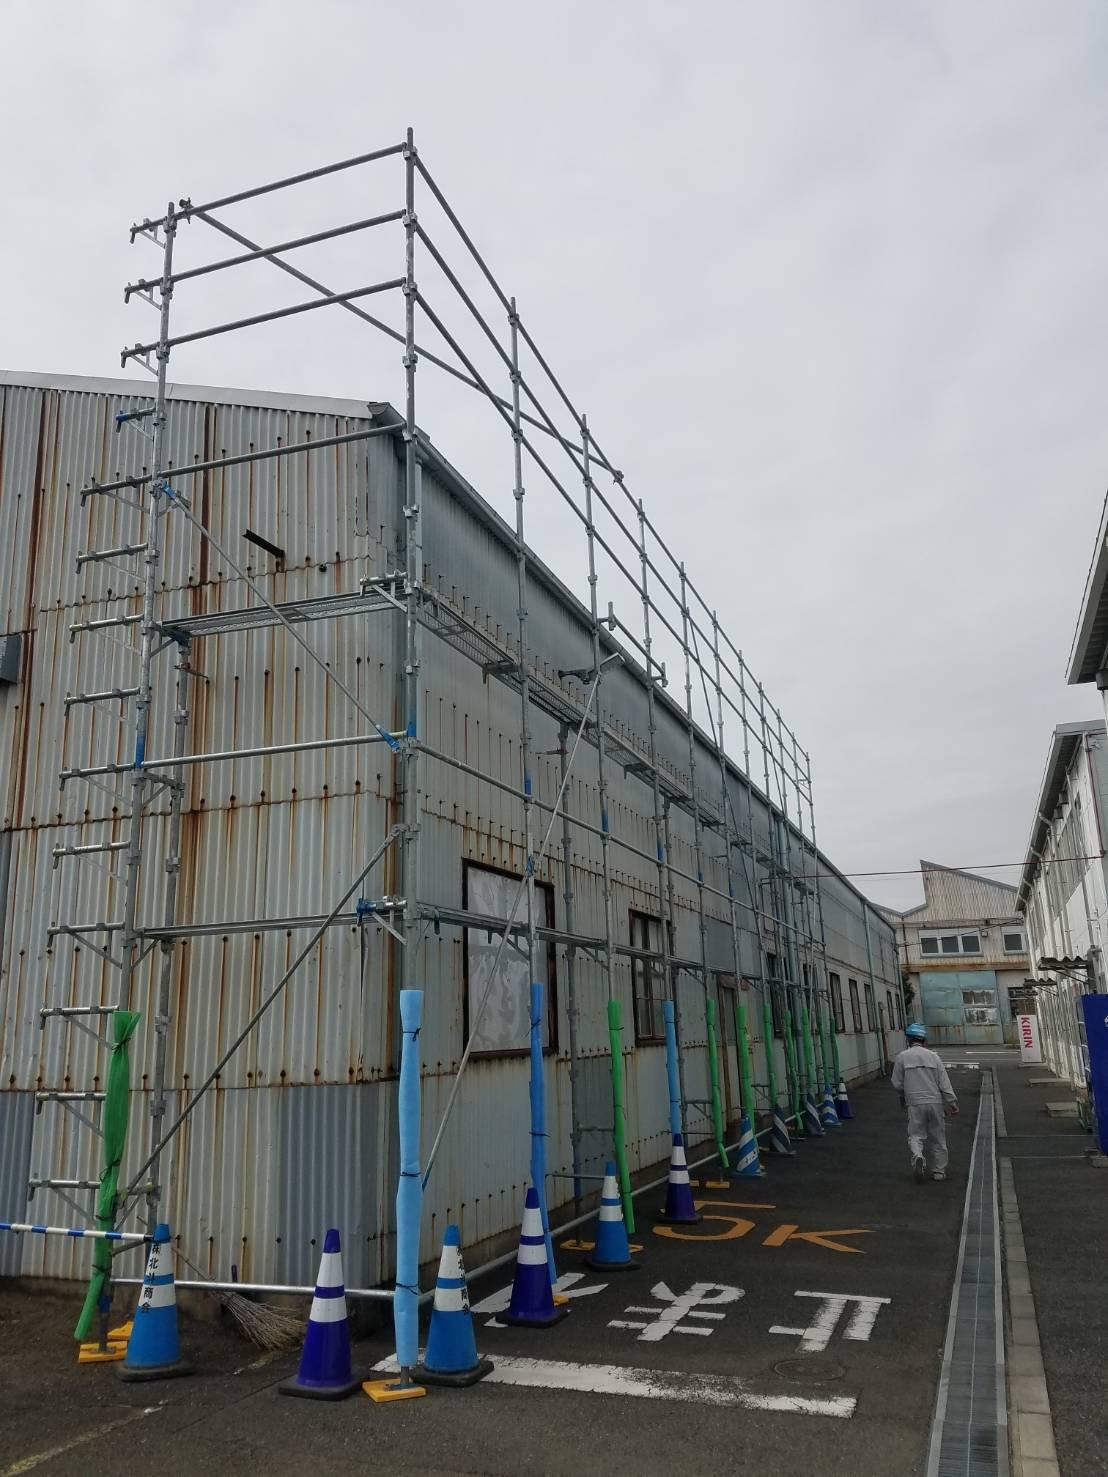 野崎工業 横浜市金沢区                           足場工事 施工事例                                    工場内 部分足場工事